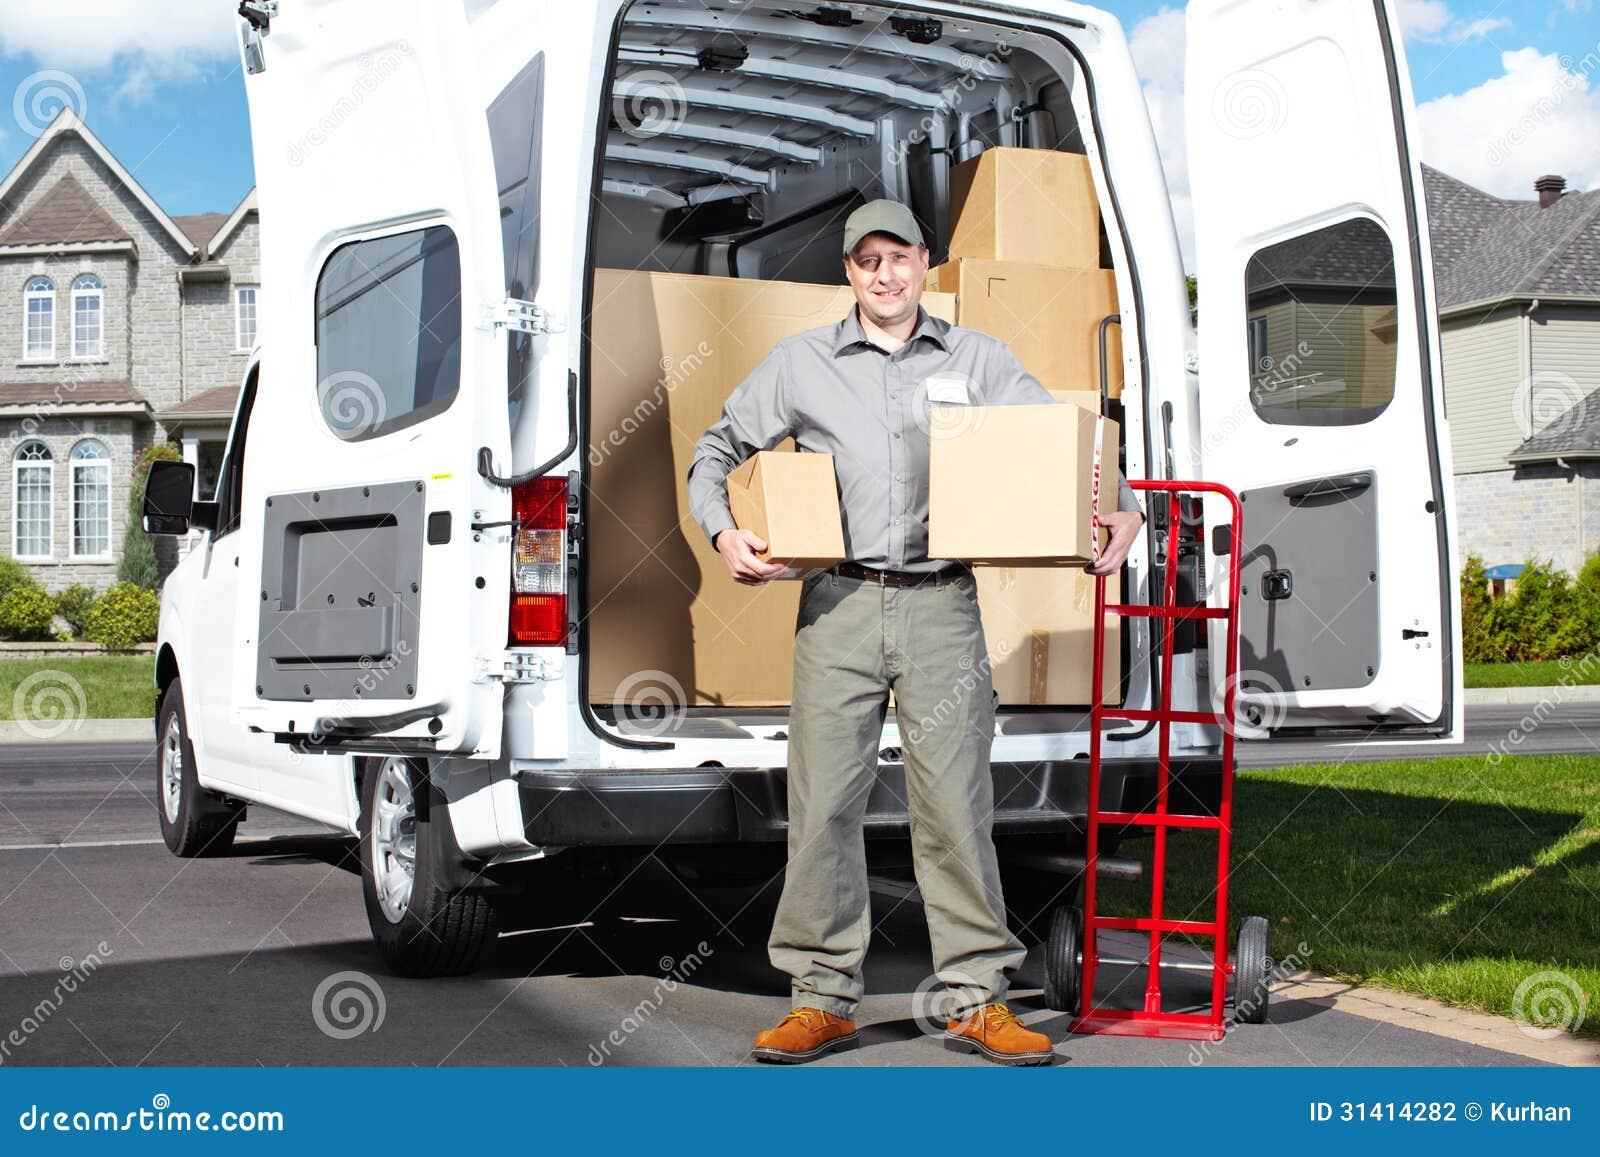 Άτομο ταχυδρομικής υπηρεσίας παράδοσης.